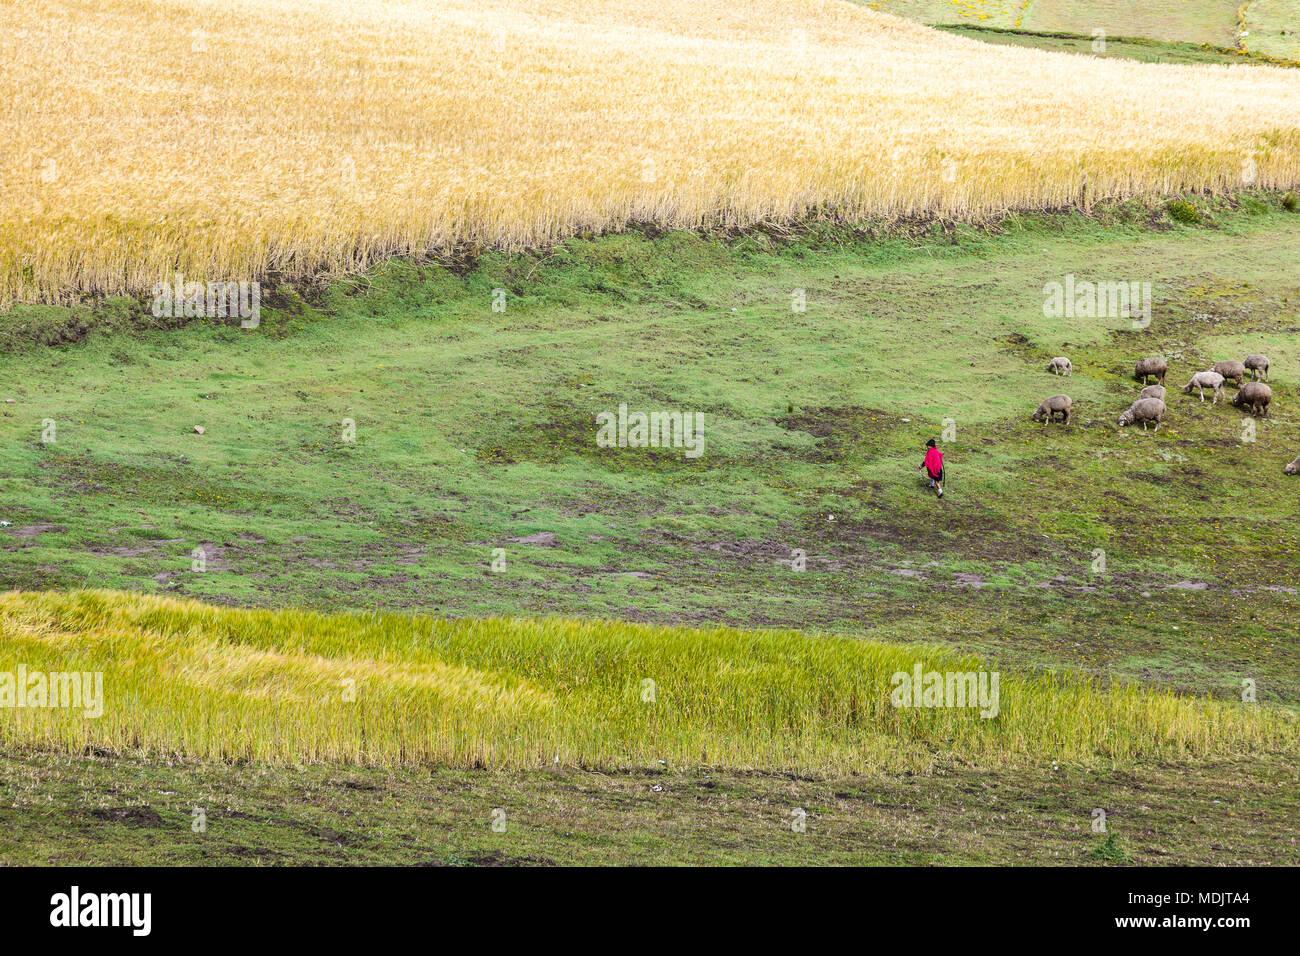 Gerste um Zumbahua, und die Landwirte ihre Tiere Provinz Cotopaxi, Ecuador tendenziell Stockbild